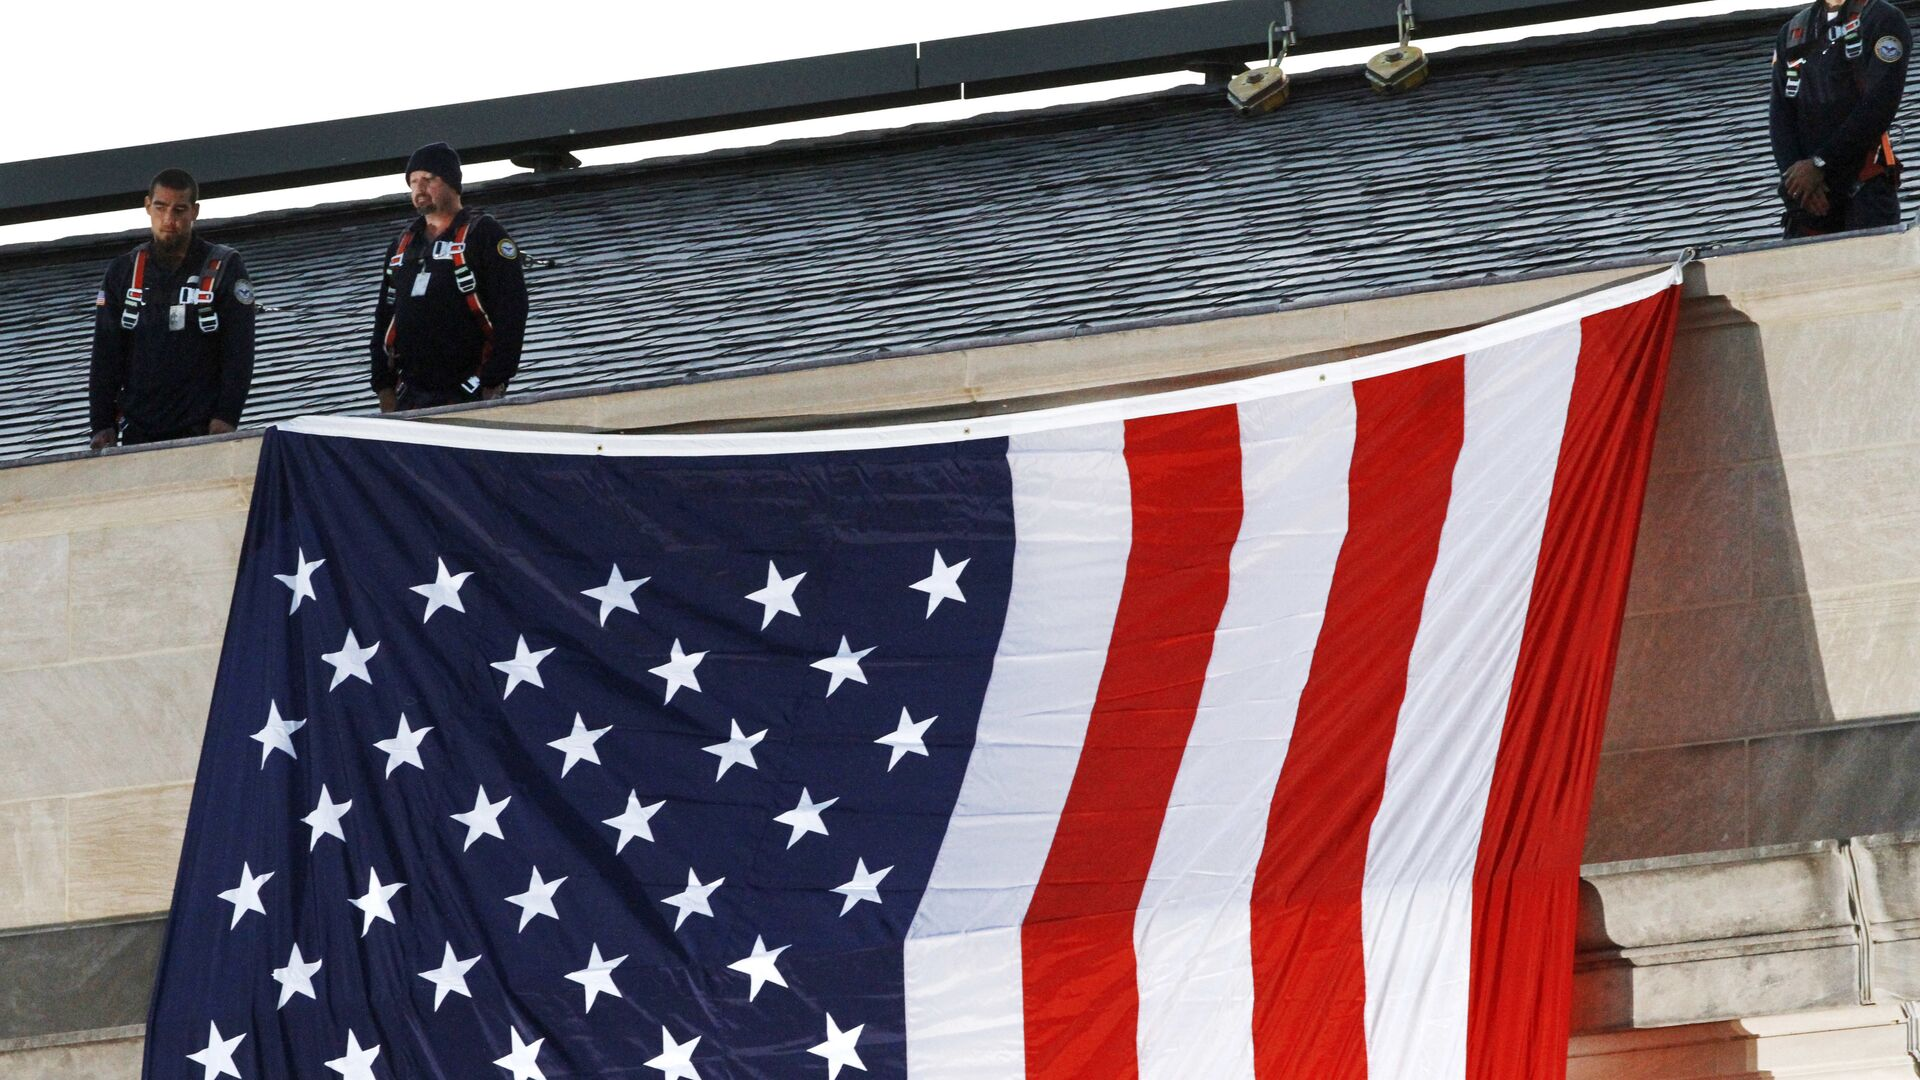 Vojnici na zgradi Pentagona i zastava Amerika - Sputnik Srbija, 1920, 08.09.2021